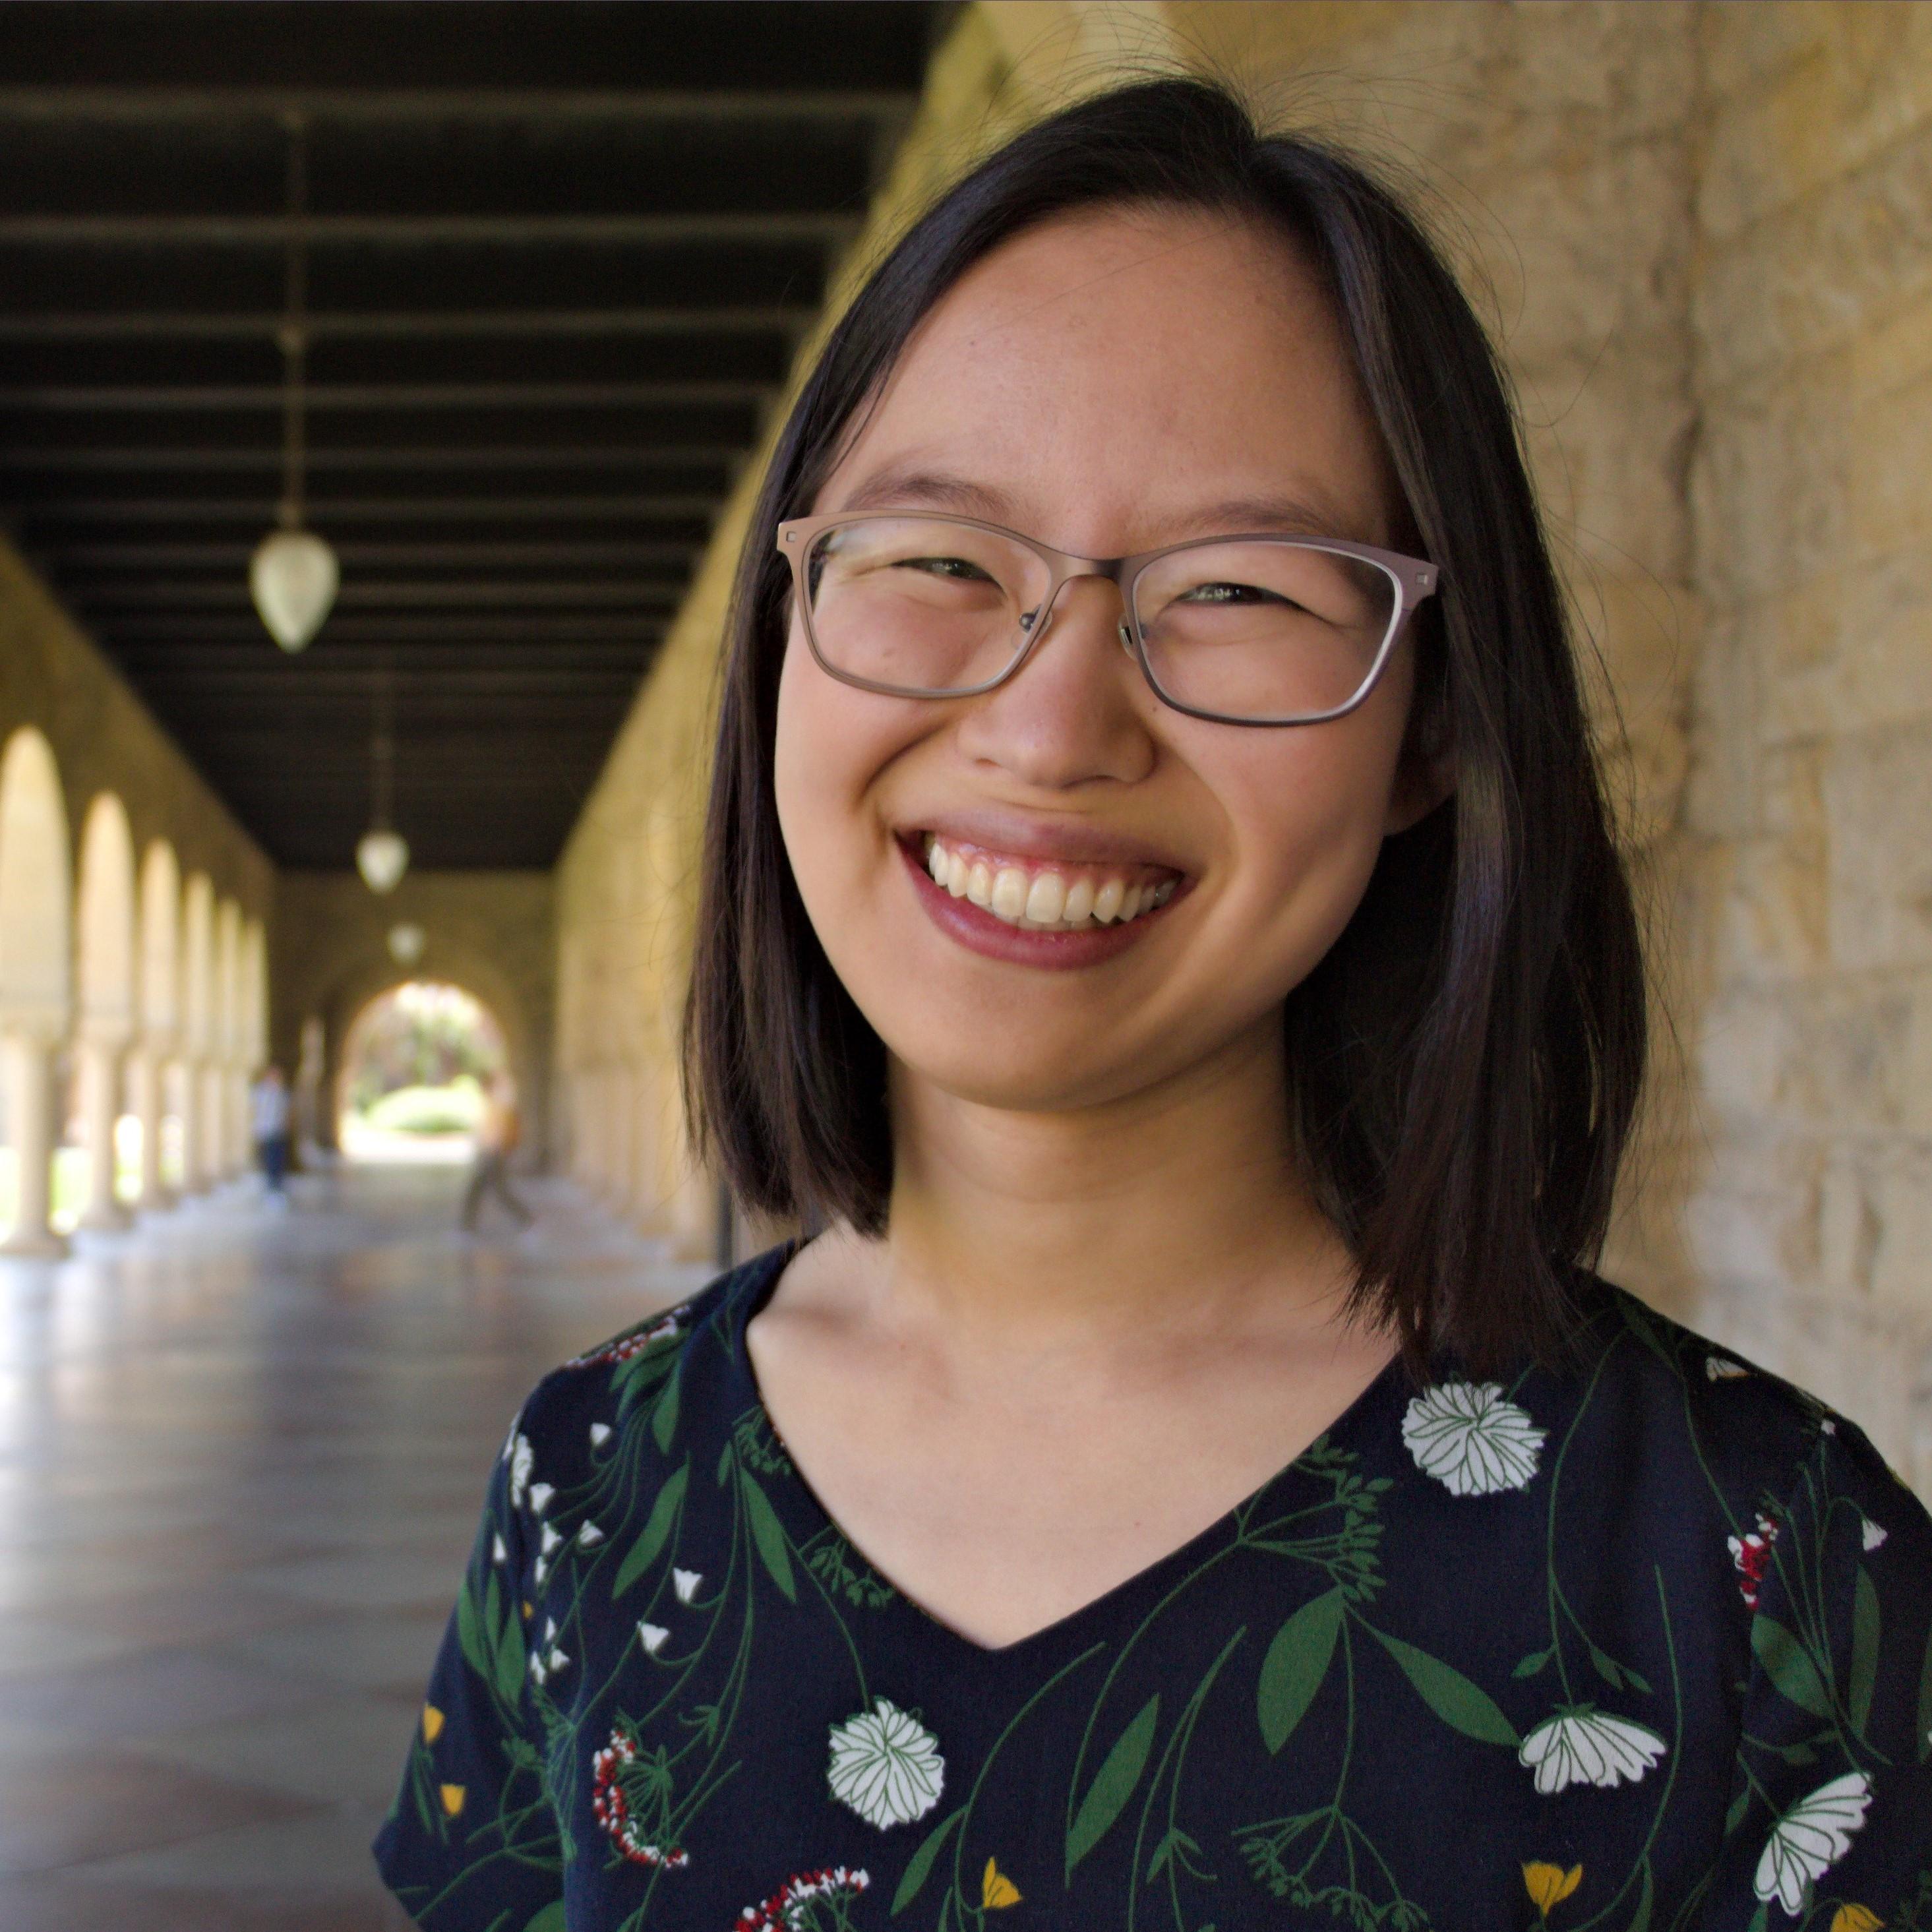 Marianna Zhang